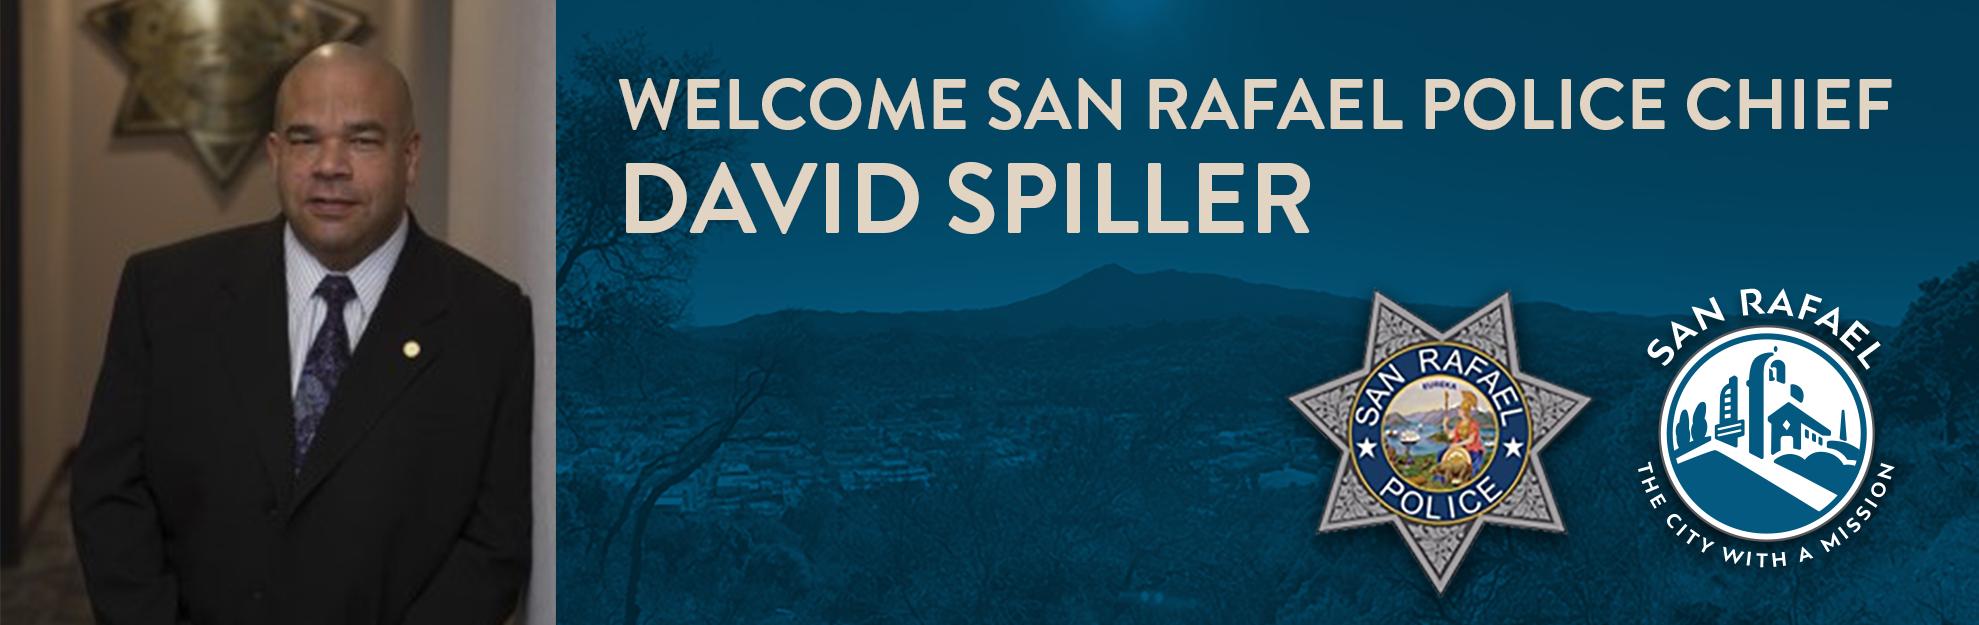 Chief Spiller Banner Announcement